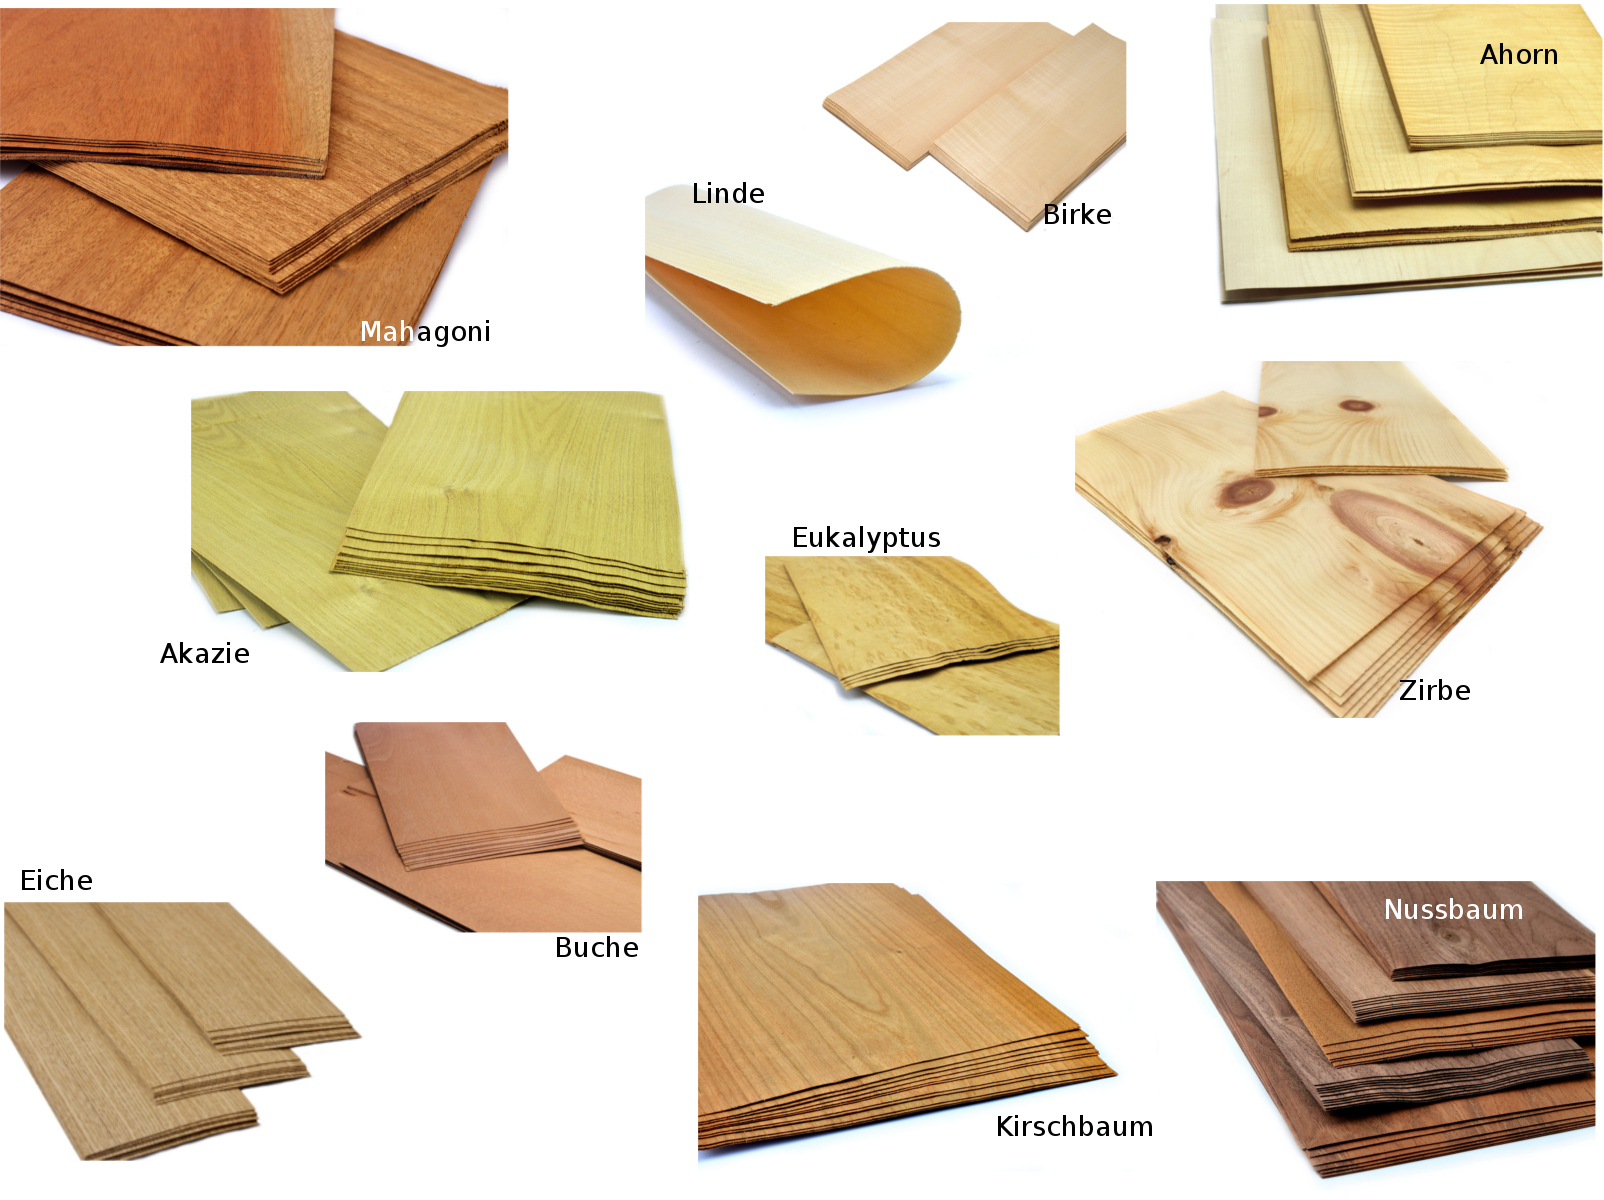 Basteln Modellbau Restaurierung Holz Diy Holz & Holzwerkstoffe Furnier Set Ahorn Eiche Nussbaum Buche Restaurierungsbedarf